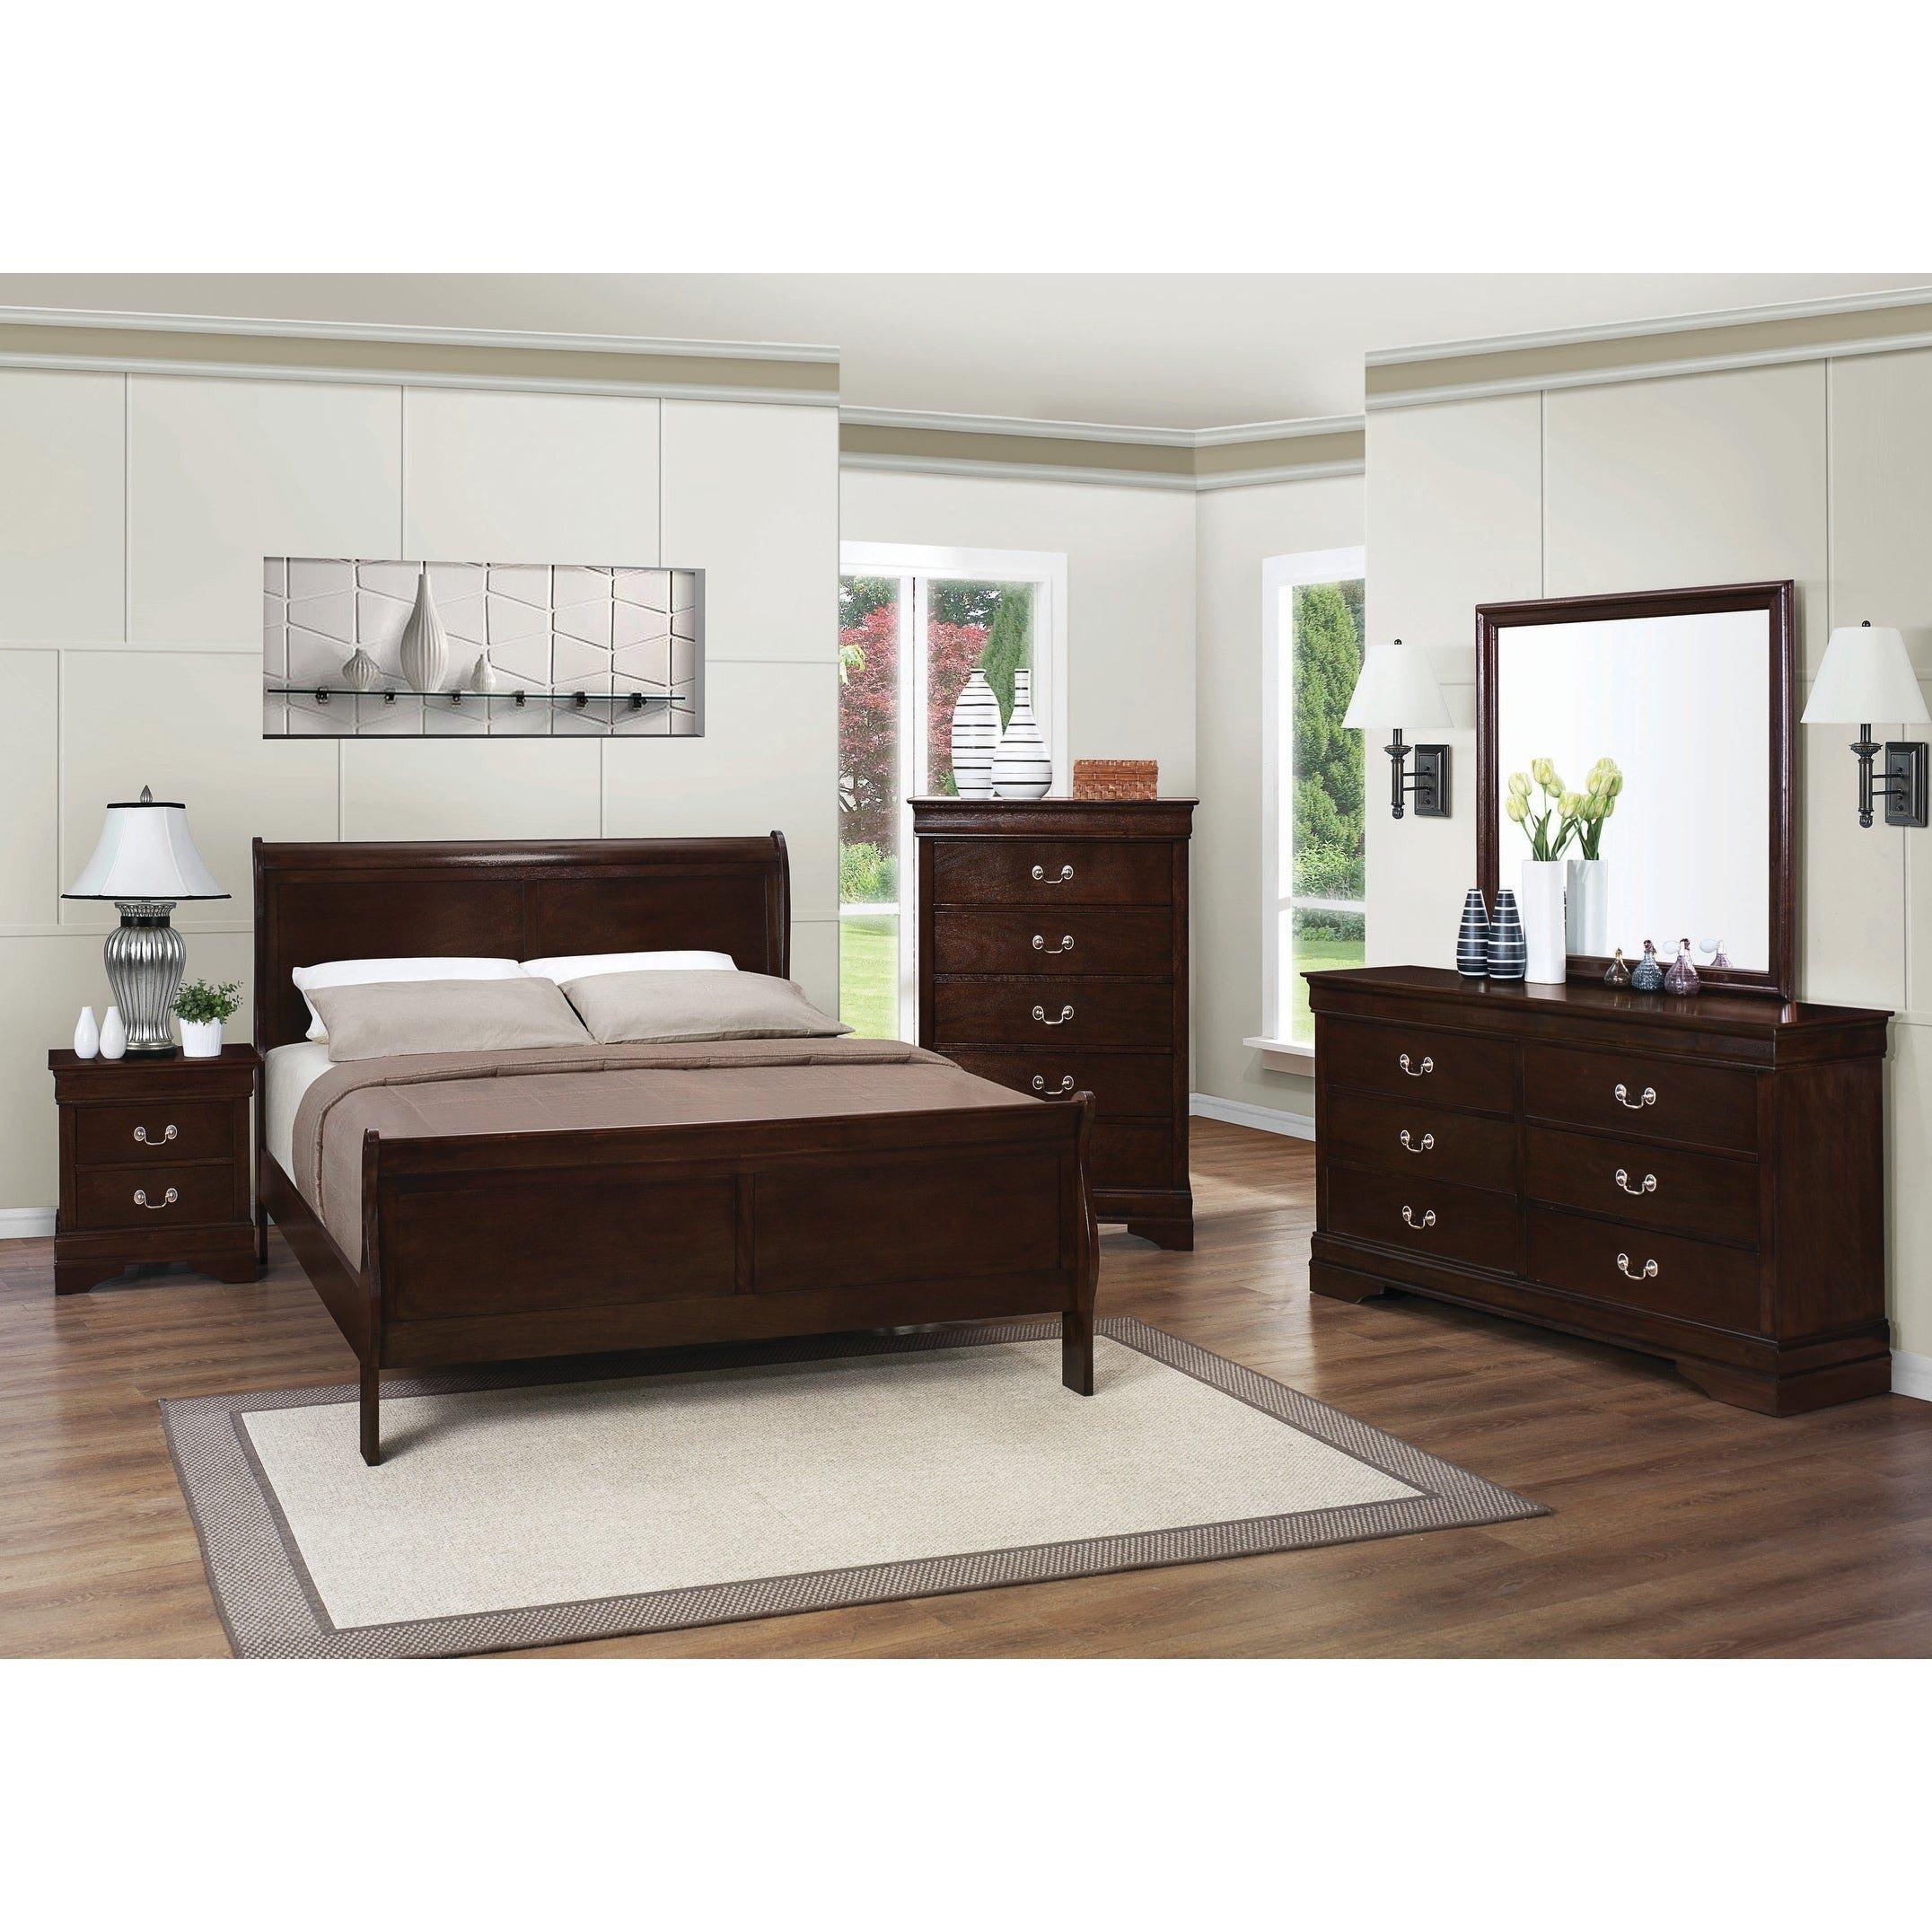 Mirrored Queen Bedroom Set Inspirational Louis Philippe Warm Brown 4 Piece Bedroom Set